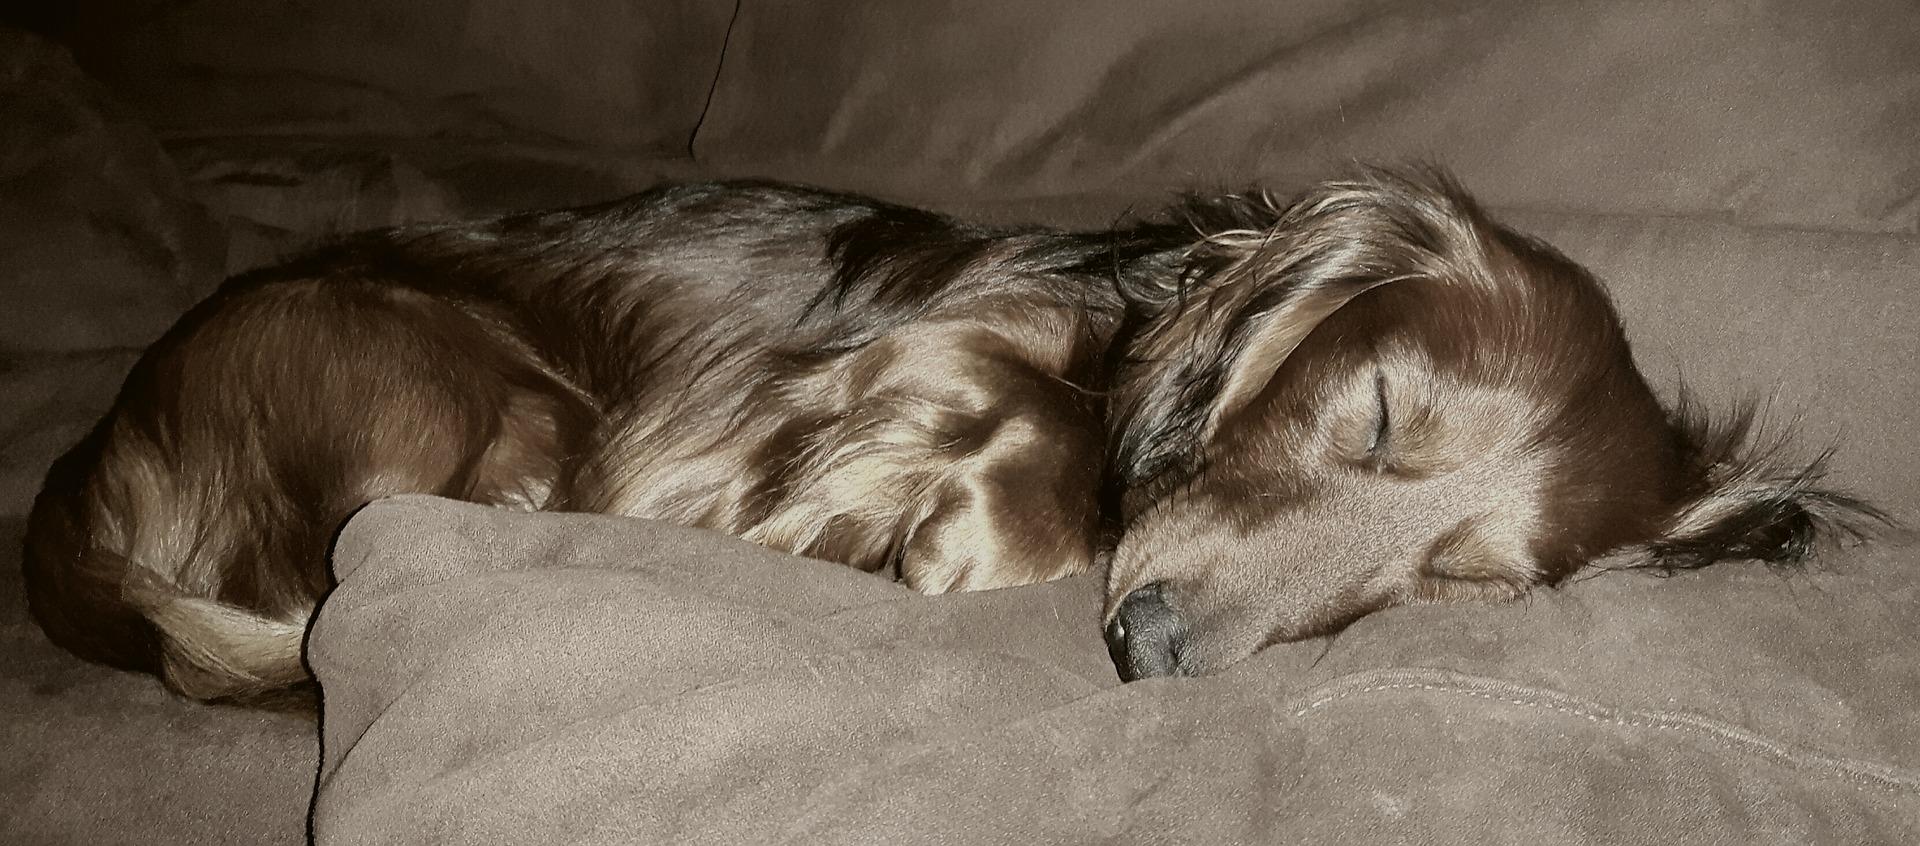 犬の変形性脊椎症を徹底解説!犬の病気を正しく知ろう